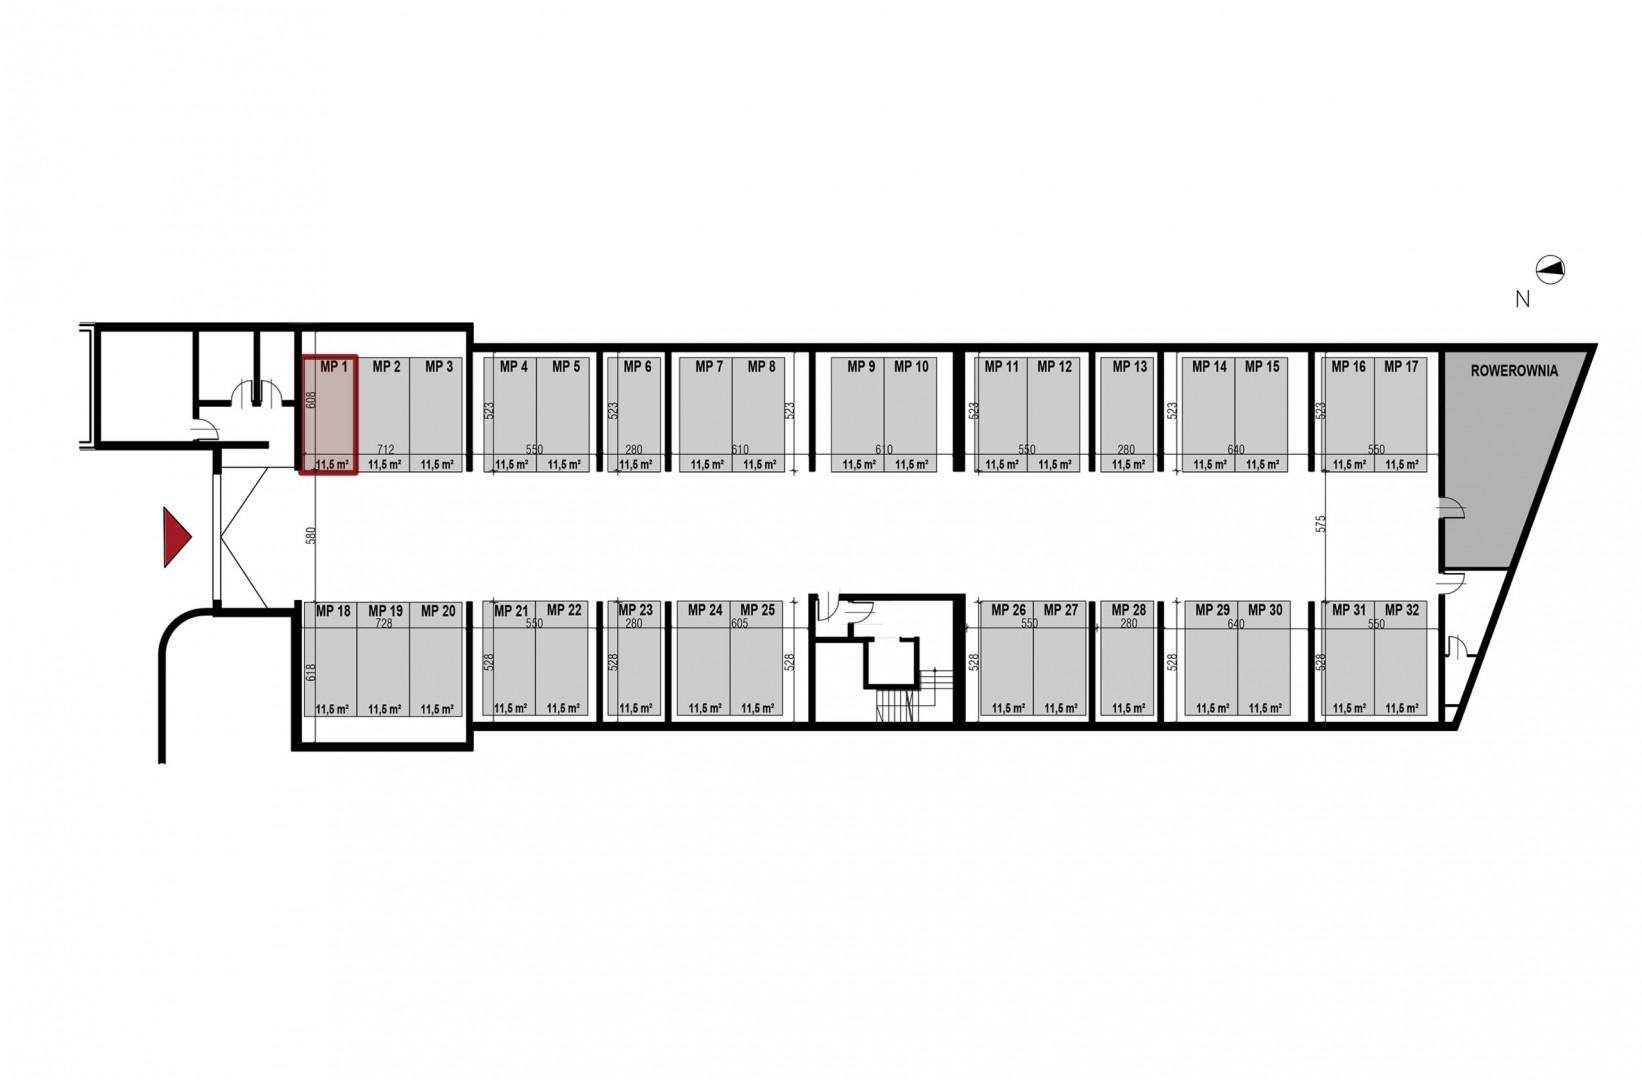 Uroczysko II / budynek 3 / miejsce postojowe 1 rzut 1